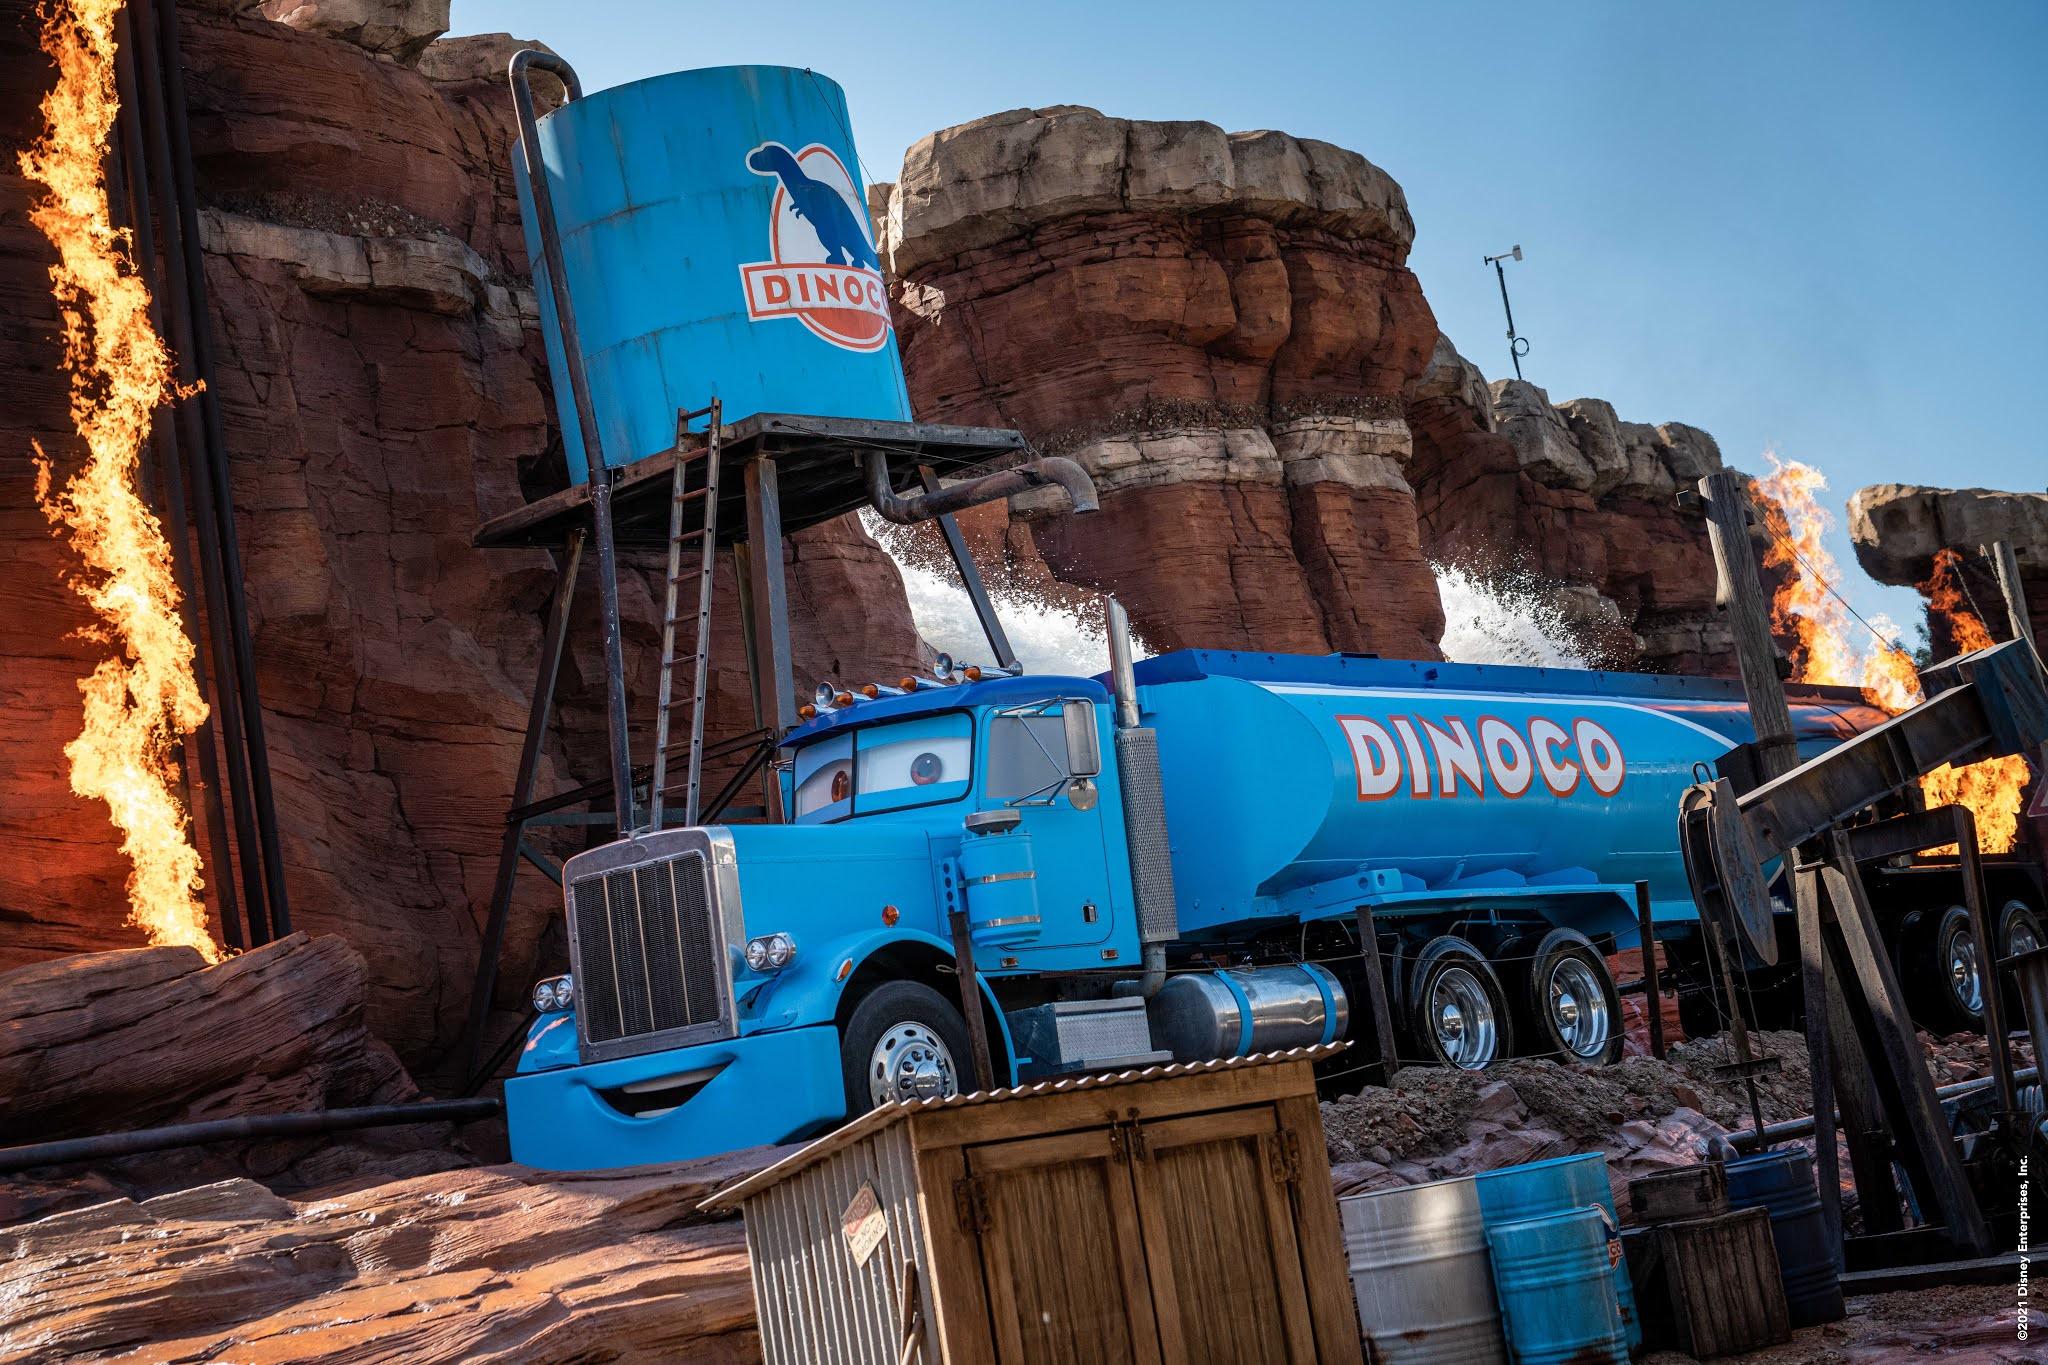 Disneyland Paris Cars Road Trip Dinoco Truck Effekte